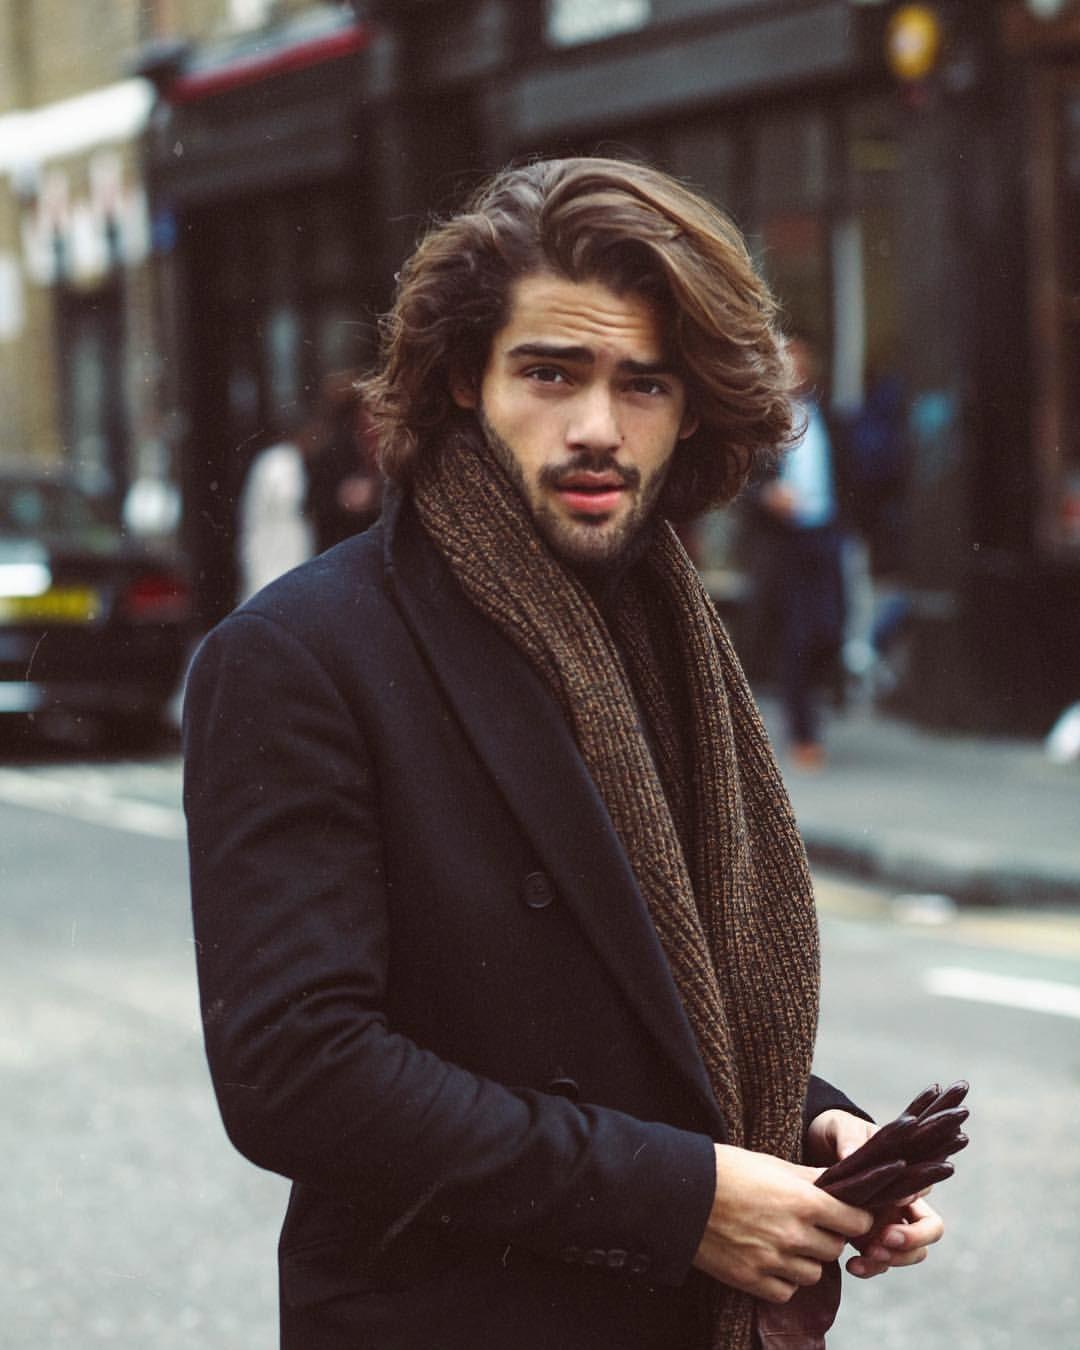 50 coiffures longues majestueuses pour les hommes qui font du sport avec dignité   – My style